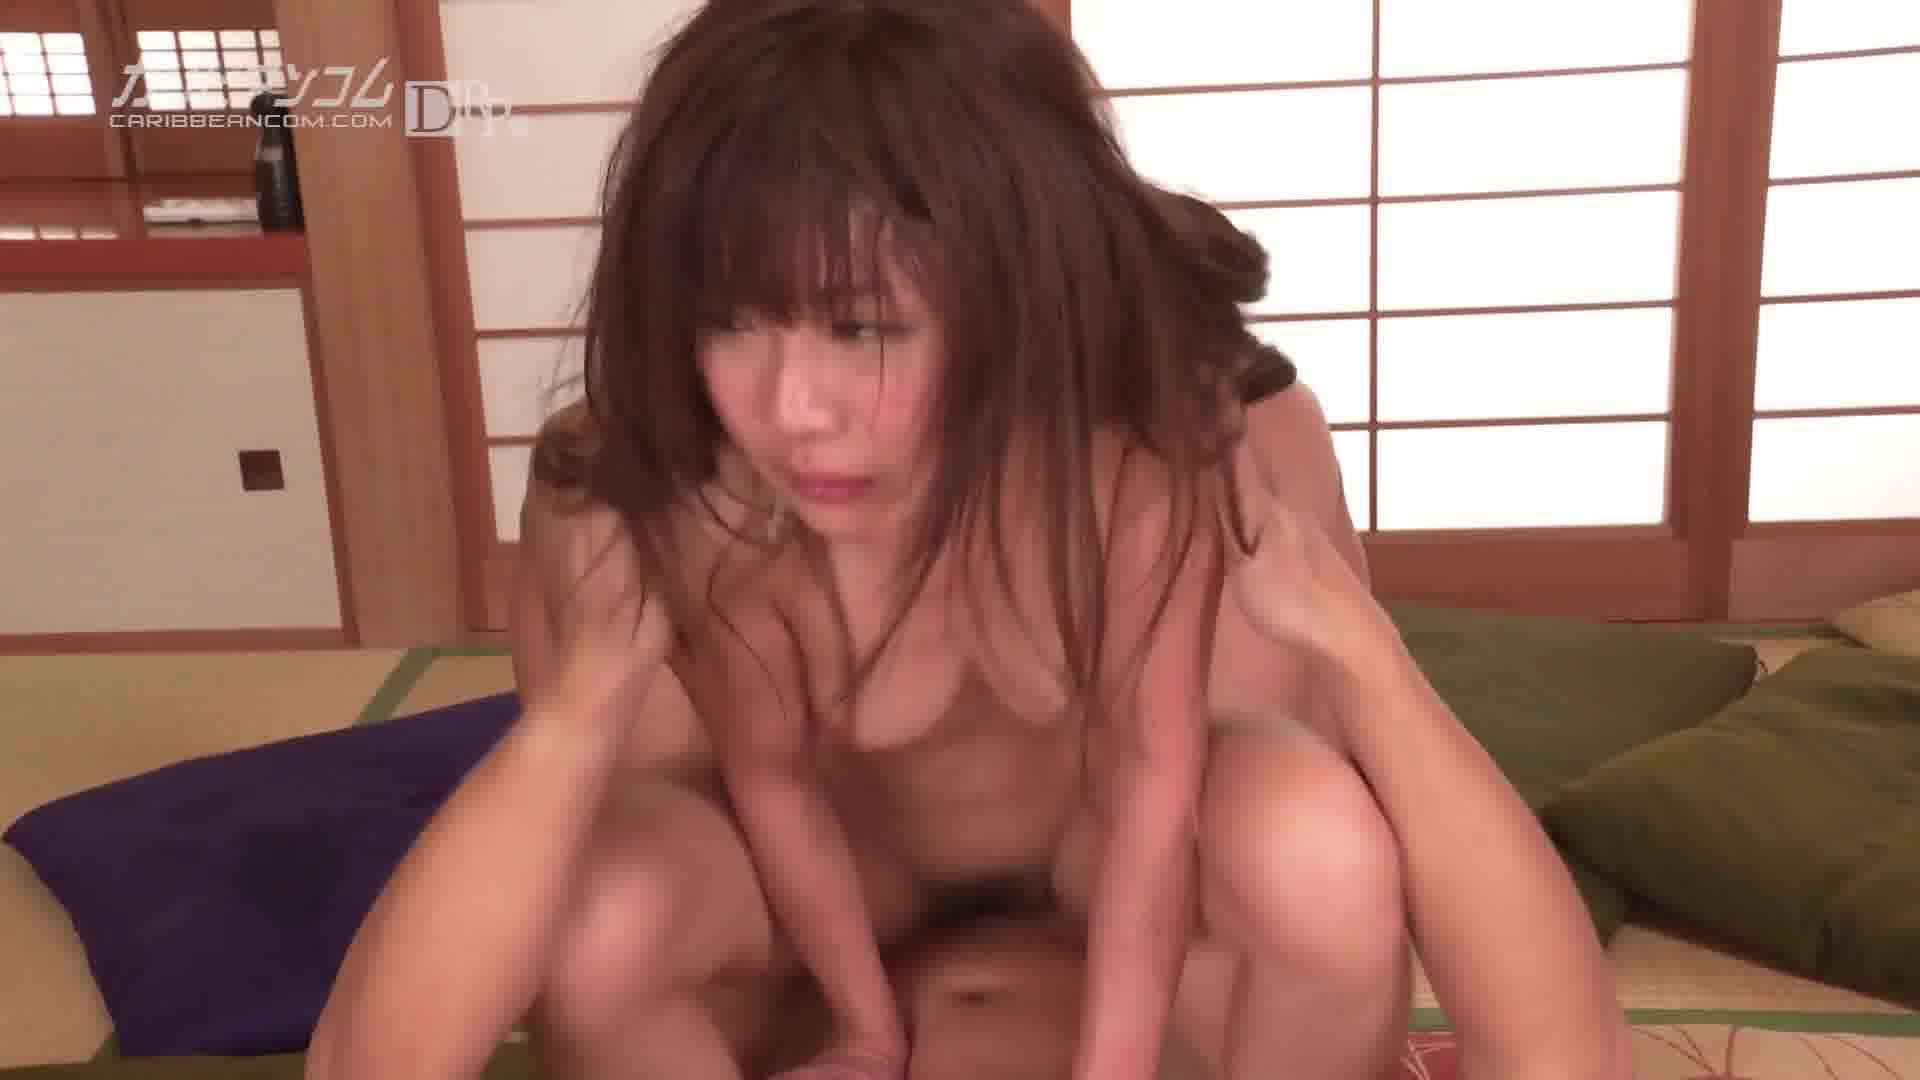 社長秘書のお仕事 Vol.8 - 鈴羽みう【乱交・初裏・潮吹き】